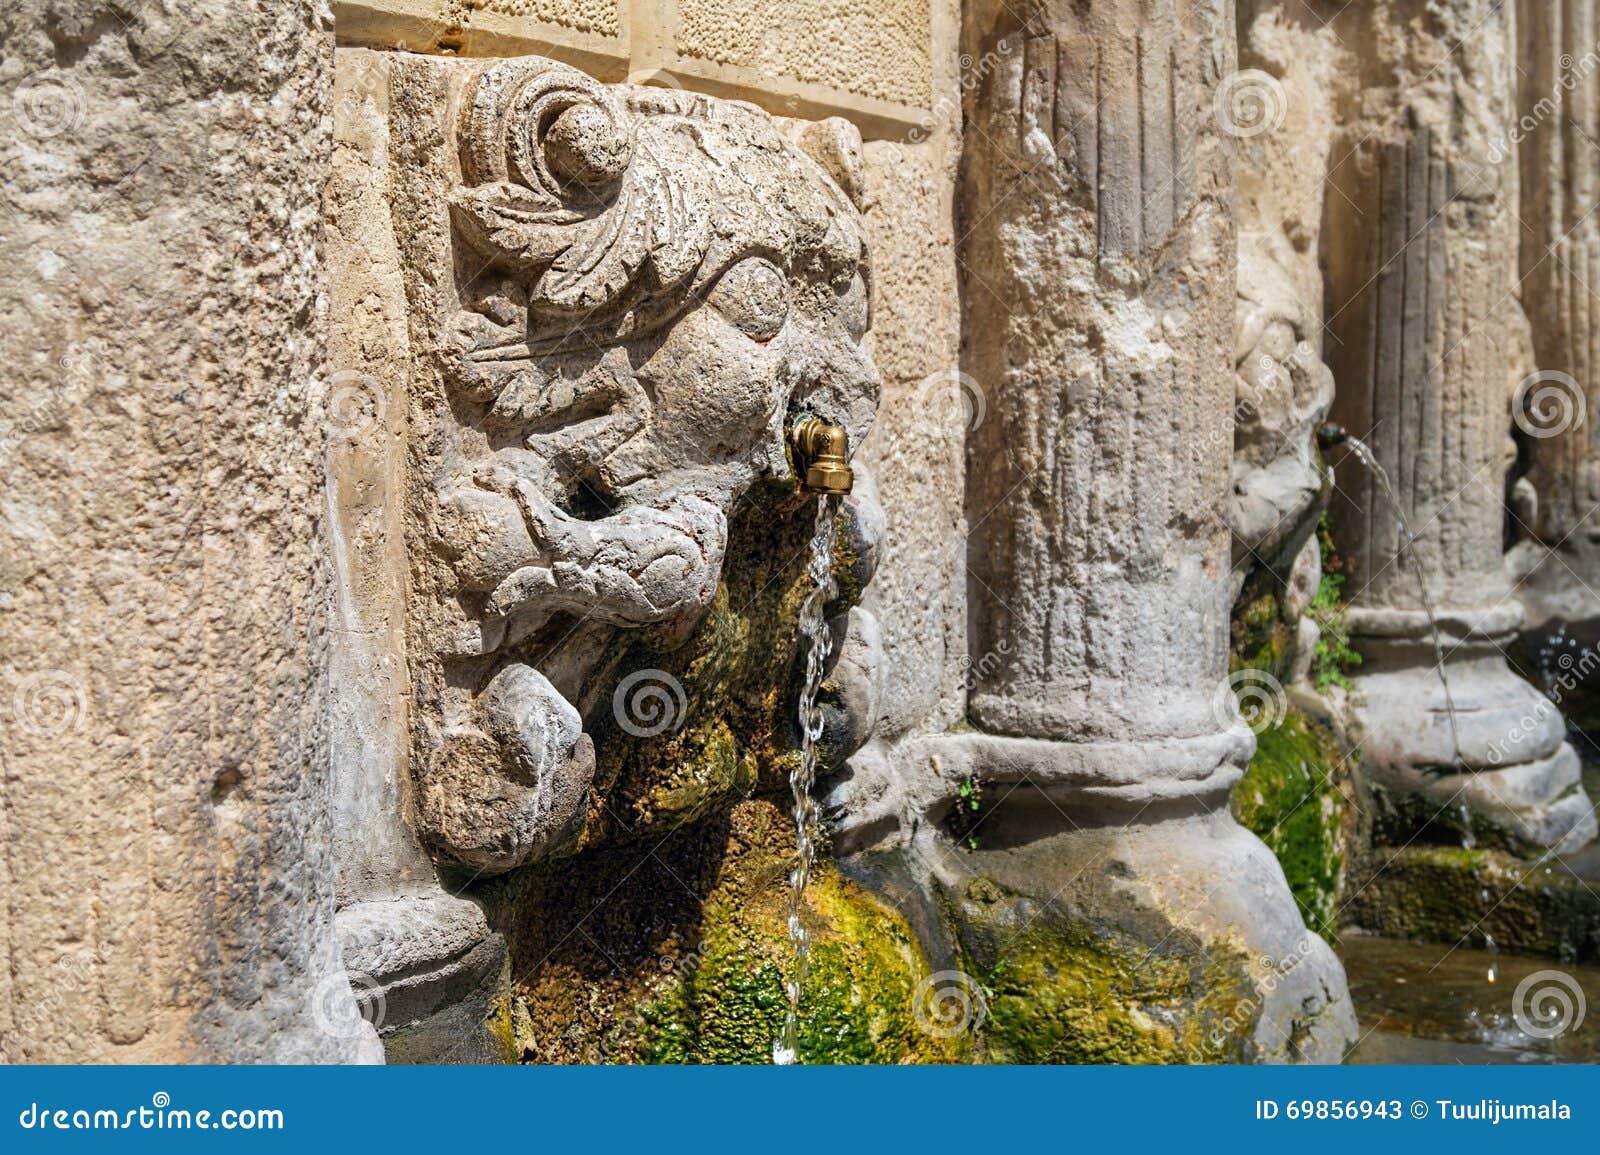 Stone lions head of Rimondi Fountain